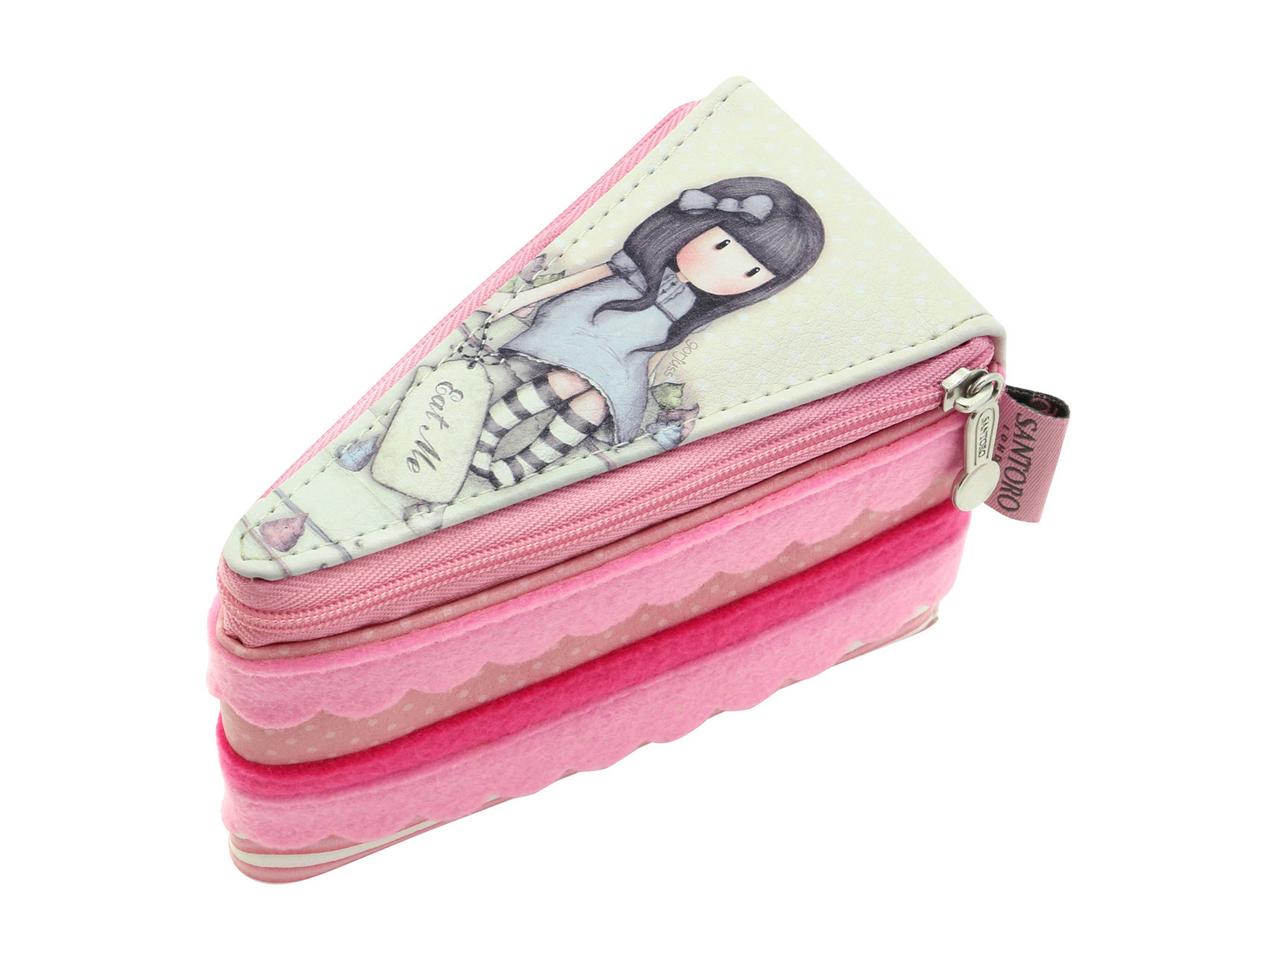 Santoro Gorjuss Sweet Cake Accessory Case Purse Wallet Trinket Spoon Charm